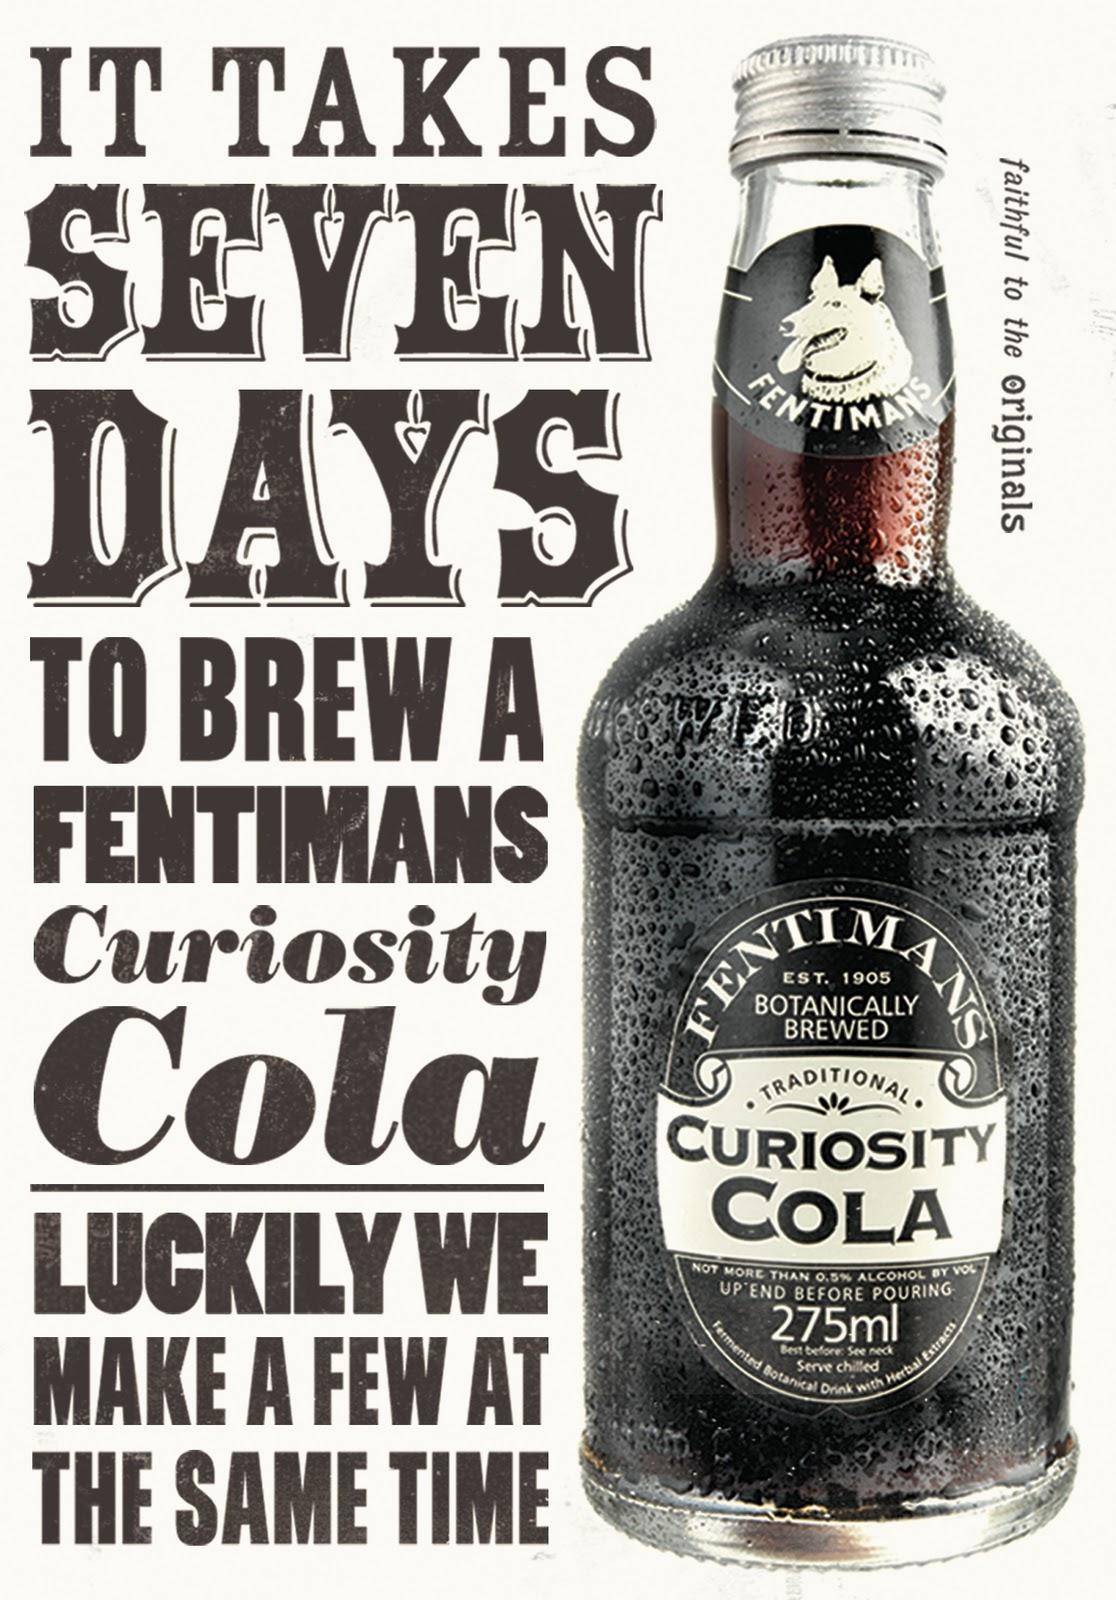 fentimans curiosity cola